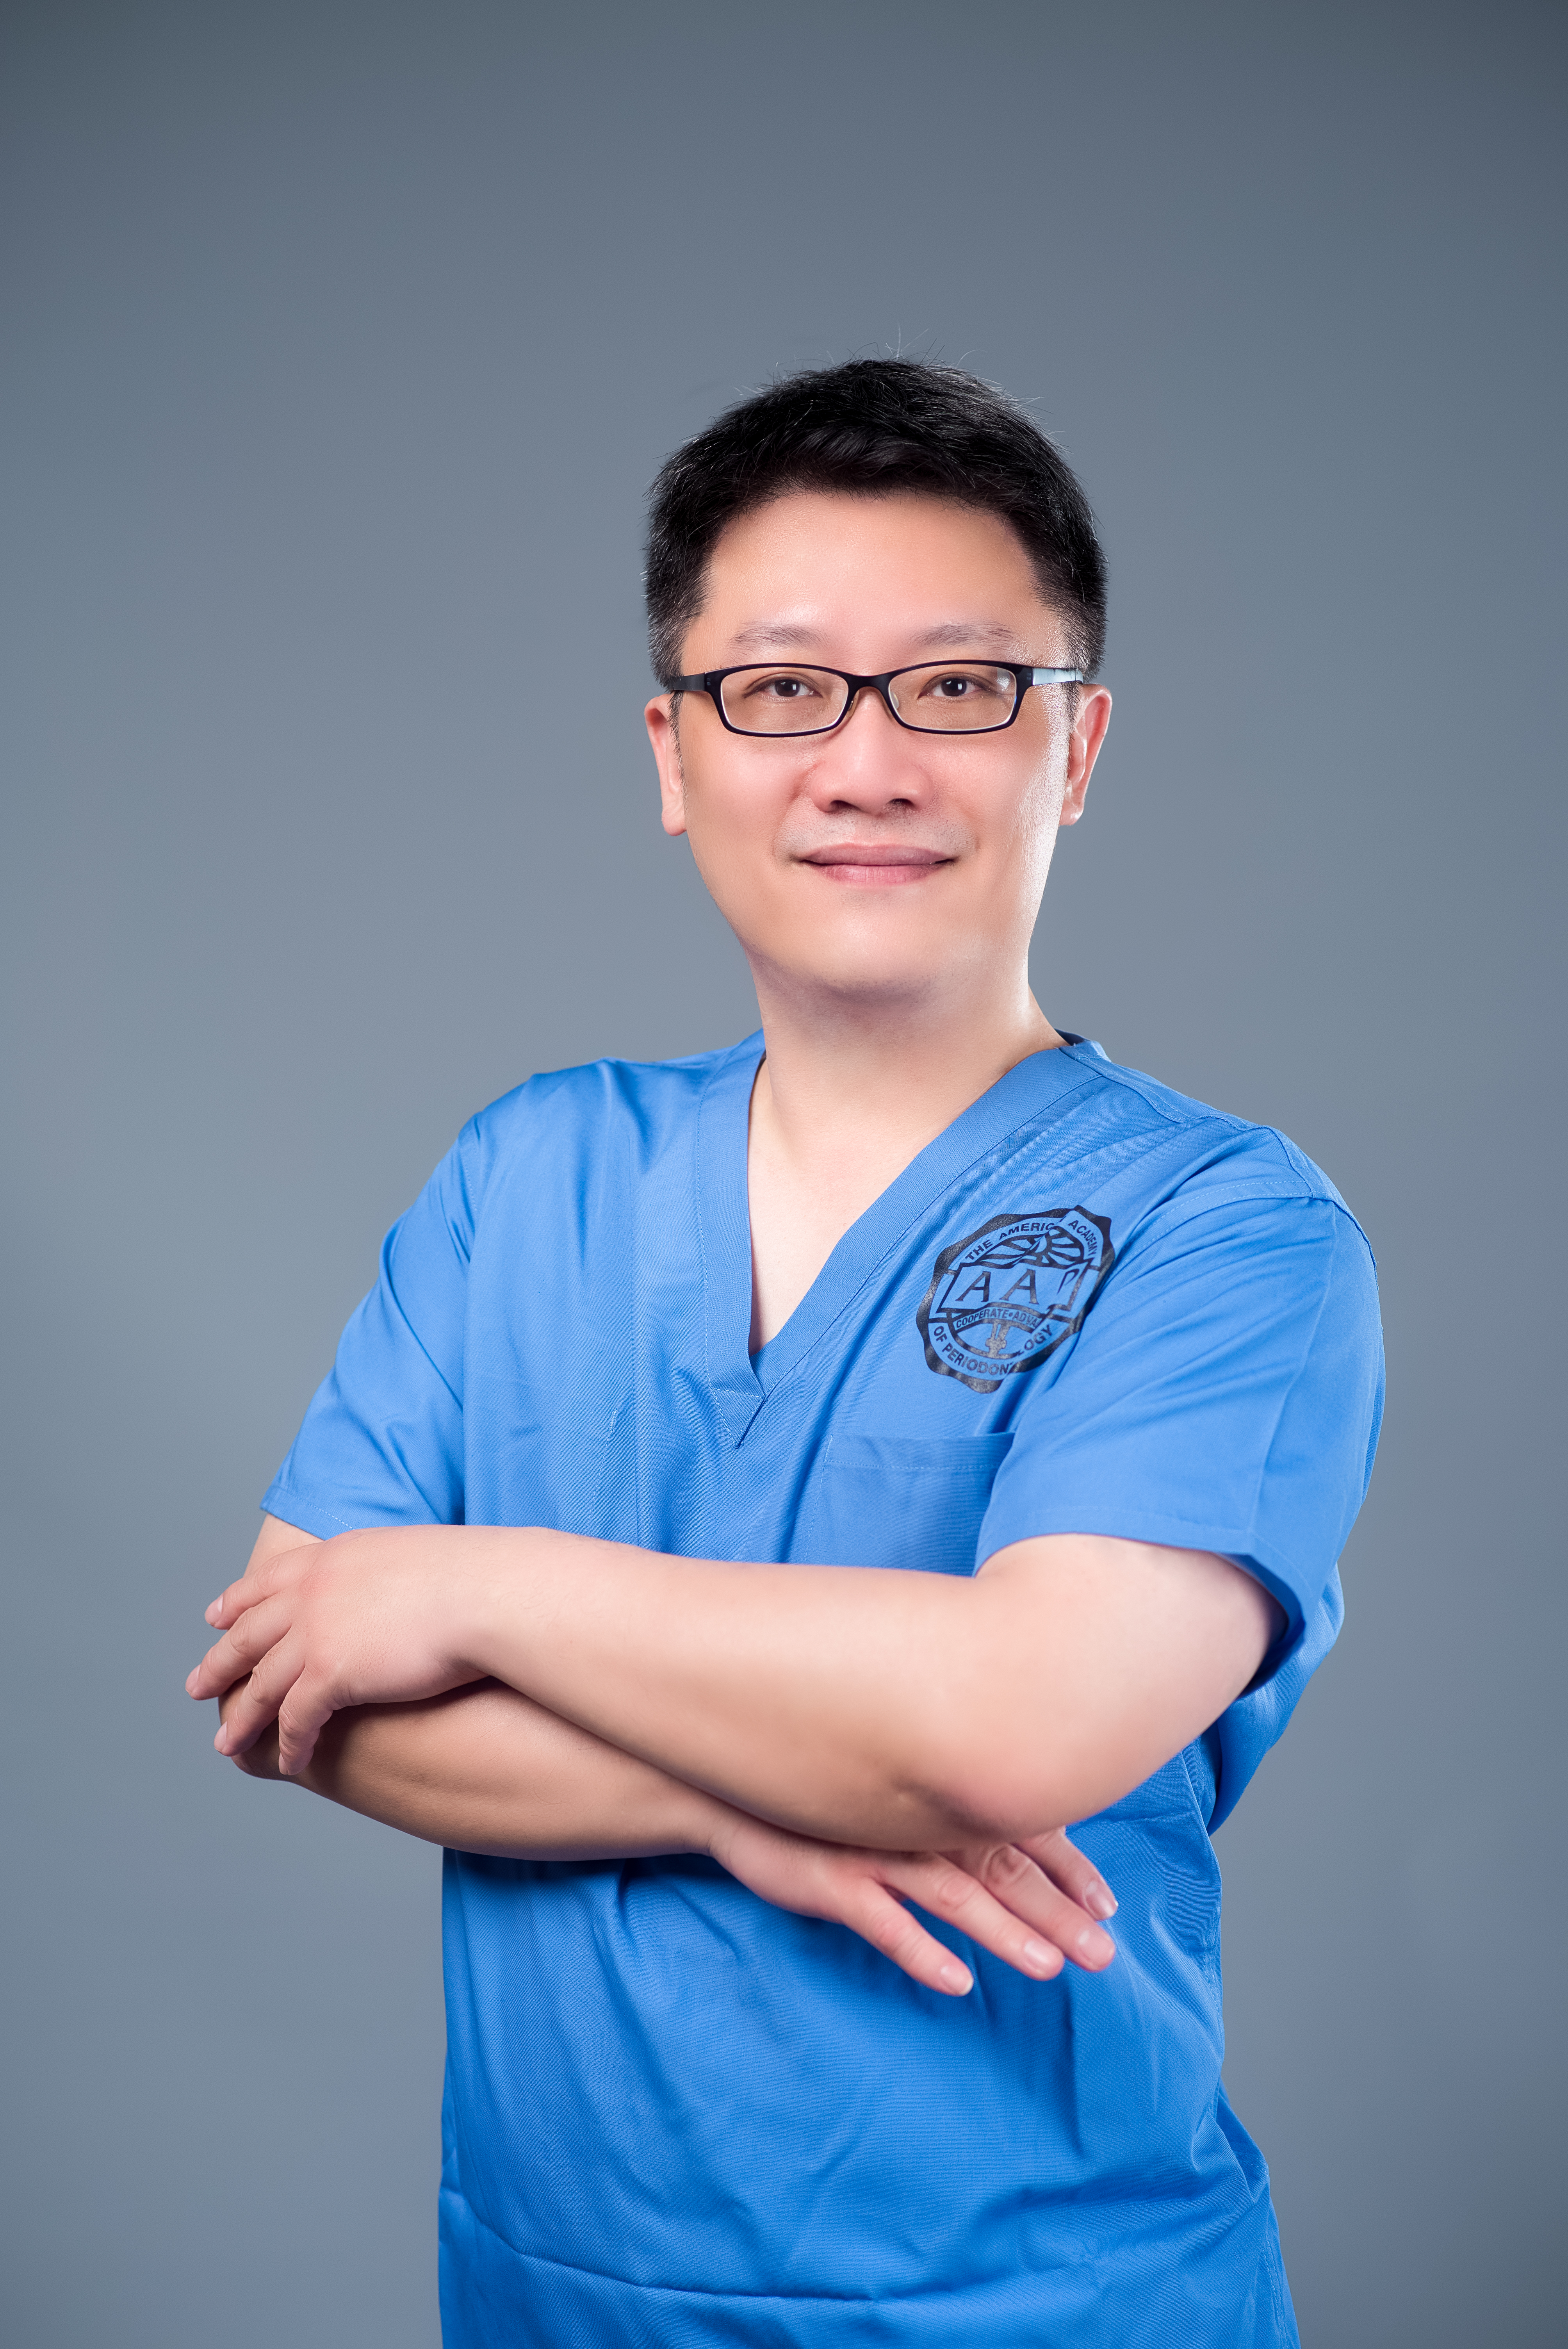 台中醫師個人形象照